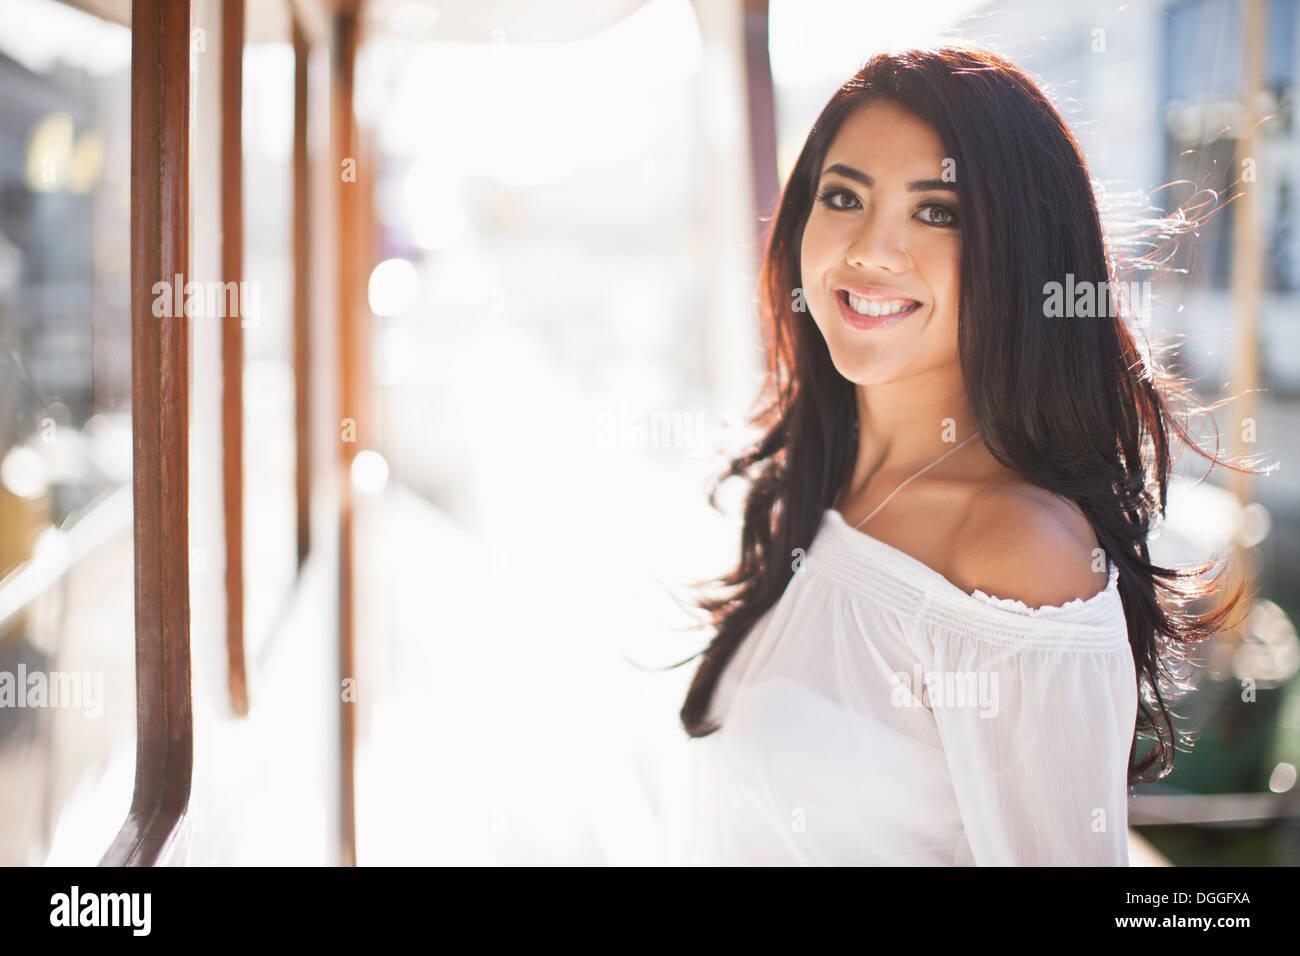 Porträt der jungen Frau auf Yacht, San Francisco, Kalifornien, USA Stockbild